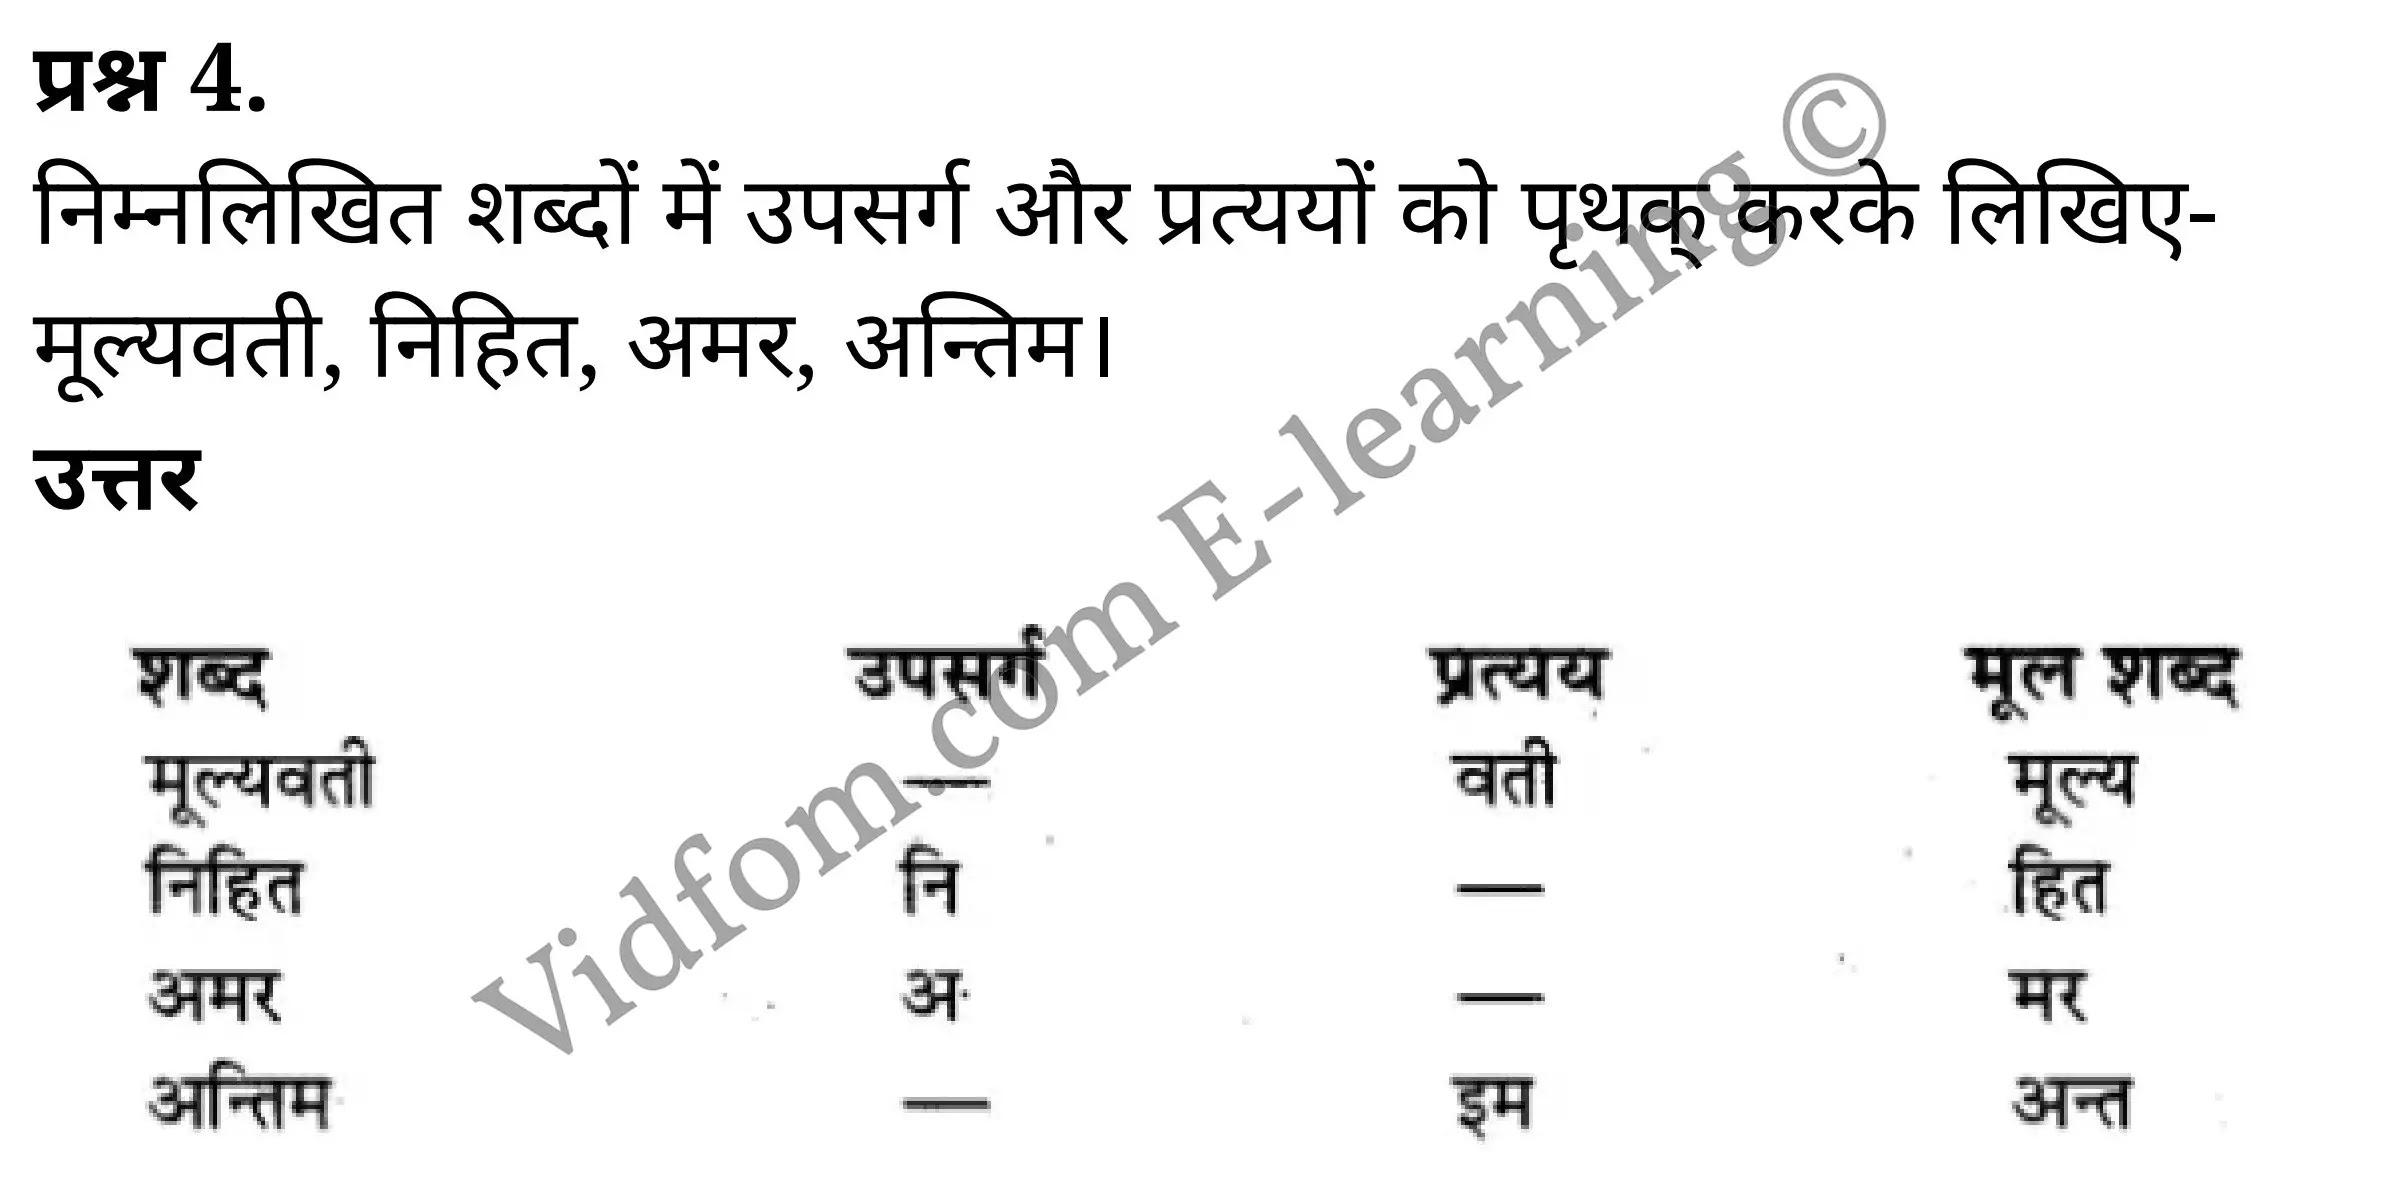 कक्षा 10 हिंदी  के नोट्स  हिंदी में एनसीईआरटी समाधान,     class 10 Hindi kaavya khand Chapter 9,   class 10 Hindi kaavya khand Chapter 9 ncert solutions in Hindi,   class 10 Hindi kaavya khand Chapter 9 notes in hindi,   class 10 Hindi kaavya khand Chapter 9 question answer,   class 10 Hindi kaavya khand Chapter 9 notes,   class 10 Hindi kaavya khand Chapter 9 class 10 Hindi kaavya khand Chapter 9 in  hindi,    class 10 Hindi kaavya khand Chapter 9 important questions in  hindi,   class 10 Hindi kaavya khand Chapter 9 notes in hindi,    class 10 Hindi kaavya khand Chapter 9 test,   class 10 Hindi kaavya khand Chapter 9 pdf,   class 10 Hindi kaavya khand Chapter 9 notes pdf,   class 10 Hindi kaavya khand Chapter 9 exercise solutions,   class 10 Hindi kaavya khand Chapter 9 notes study rankers,   class 10 Hindi kaavya khand Chapter 9 notes,    class 10 Hindi kaavya khand Chapter 9  class 10  notes pdf,   class 10 Hindi kaavya khand Chapter 9 class 10  notes  ncert,   class 10 Hindi kaavya khand Chapter 9 class 10 pdf,   class 10 Hindi kaavya khand Chapter 9  book,   class 10 Hindi kaavya khand Chapter 9 quiz class 10  ,   कक्षा 10 सुभद्राकुमारी चौहान,  कक्षा 10 सुभद्राकुमारी चौहान  के नोट्स हिंदी में,  कक्षा 10 सुभद्राकुमारी चौहान प्रश्न उत्तर,  कक्षा 10 सुभद्राकुमारी चौहान के नोट्स,  10 कक्षा सुभद्राकुमारी चौहान  हिंदी में, कक्षा 10 सुभद्राकुमारी चौहान  हिंदी में,  कक्षा 10 सुभद्राकुमारी चौहान  महत्वपूर्ण प्रश्न हिंदी में, कक्षा 10 हिंदी के नोट्स  हिंदी में, सुभद्राकुमारी चौहान हिंदी में कक्षा 10 नोट्स pdf,    सुभद्राकुमारी चौहान हिंदी में  कक्षा 10 नोट्स 2021 ncert,   सुभद्राकुमारी चौहान हिंदी  कक्षा 10 pdf,   सुभद्राकुमारी चौहान हिंदी में  पुस्तक,   सुभद्राकुमारी चौहान हिंदी में की बुक,   सुभद्राकुमारी चौहान हिंदी में  प्रश्नोत्तरी class 10 ,  10   वीं सुभद्राकुमारी चौहान  पुस्तक up board,   बिहार बोर्ड 10  पुस्तक वीं सुभद्राकुमारी चौहान नोट्स,    सुभद्राकुमारी चौहान  कक्षा 10 नोट्स 2021 ncert,   सुभद्राकुमारी चौहान  कक्षा 10 pdf,   सुभद्राकुमारी चौहान  पुस्तक,   स